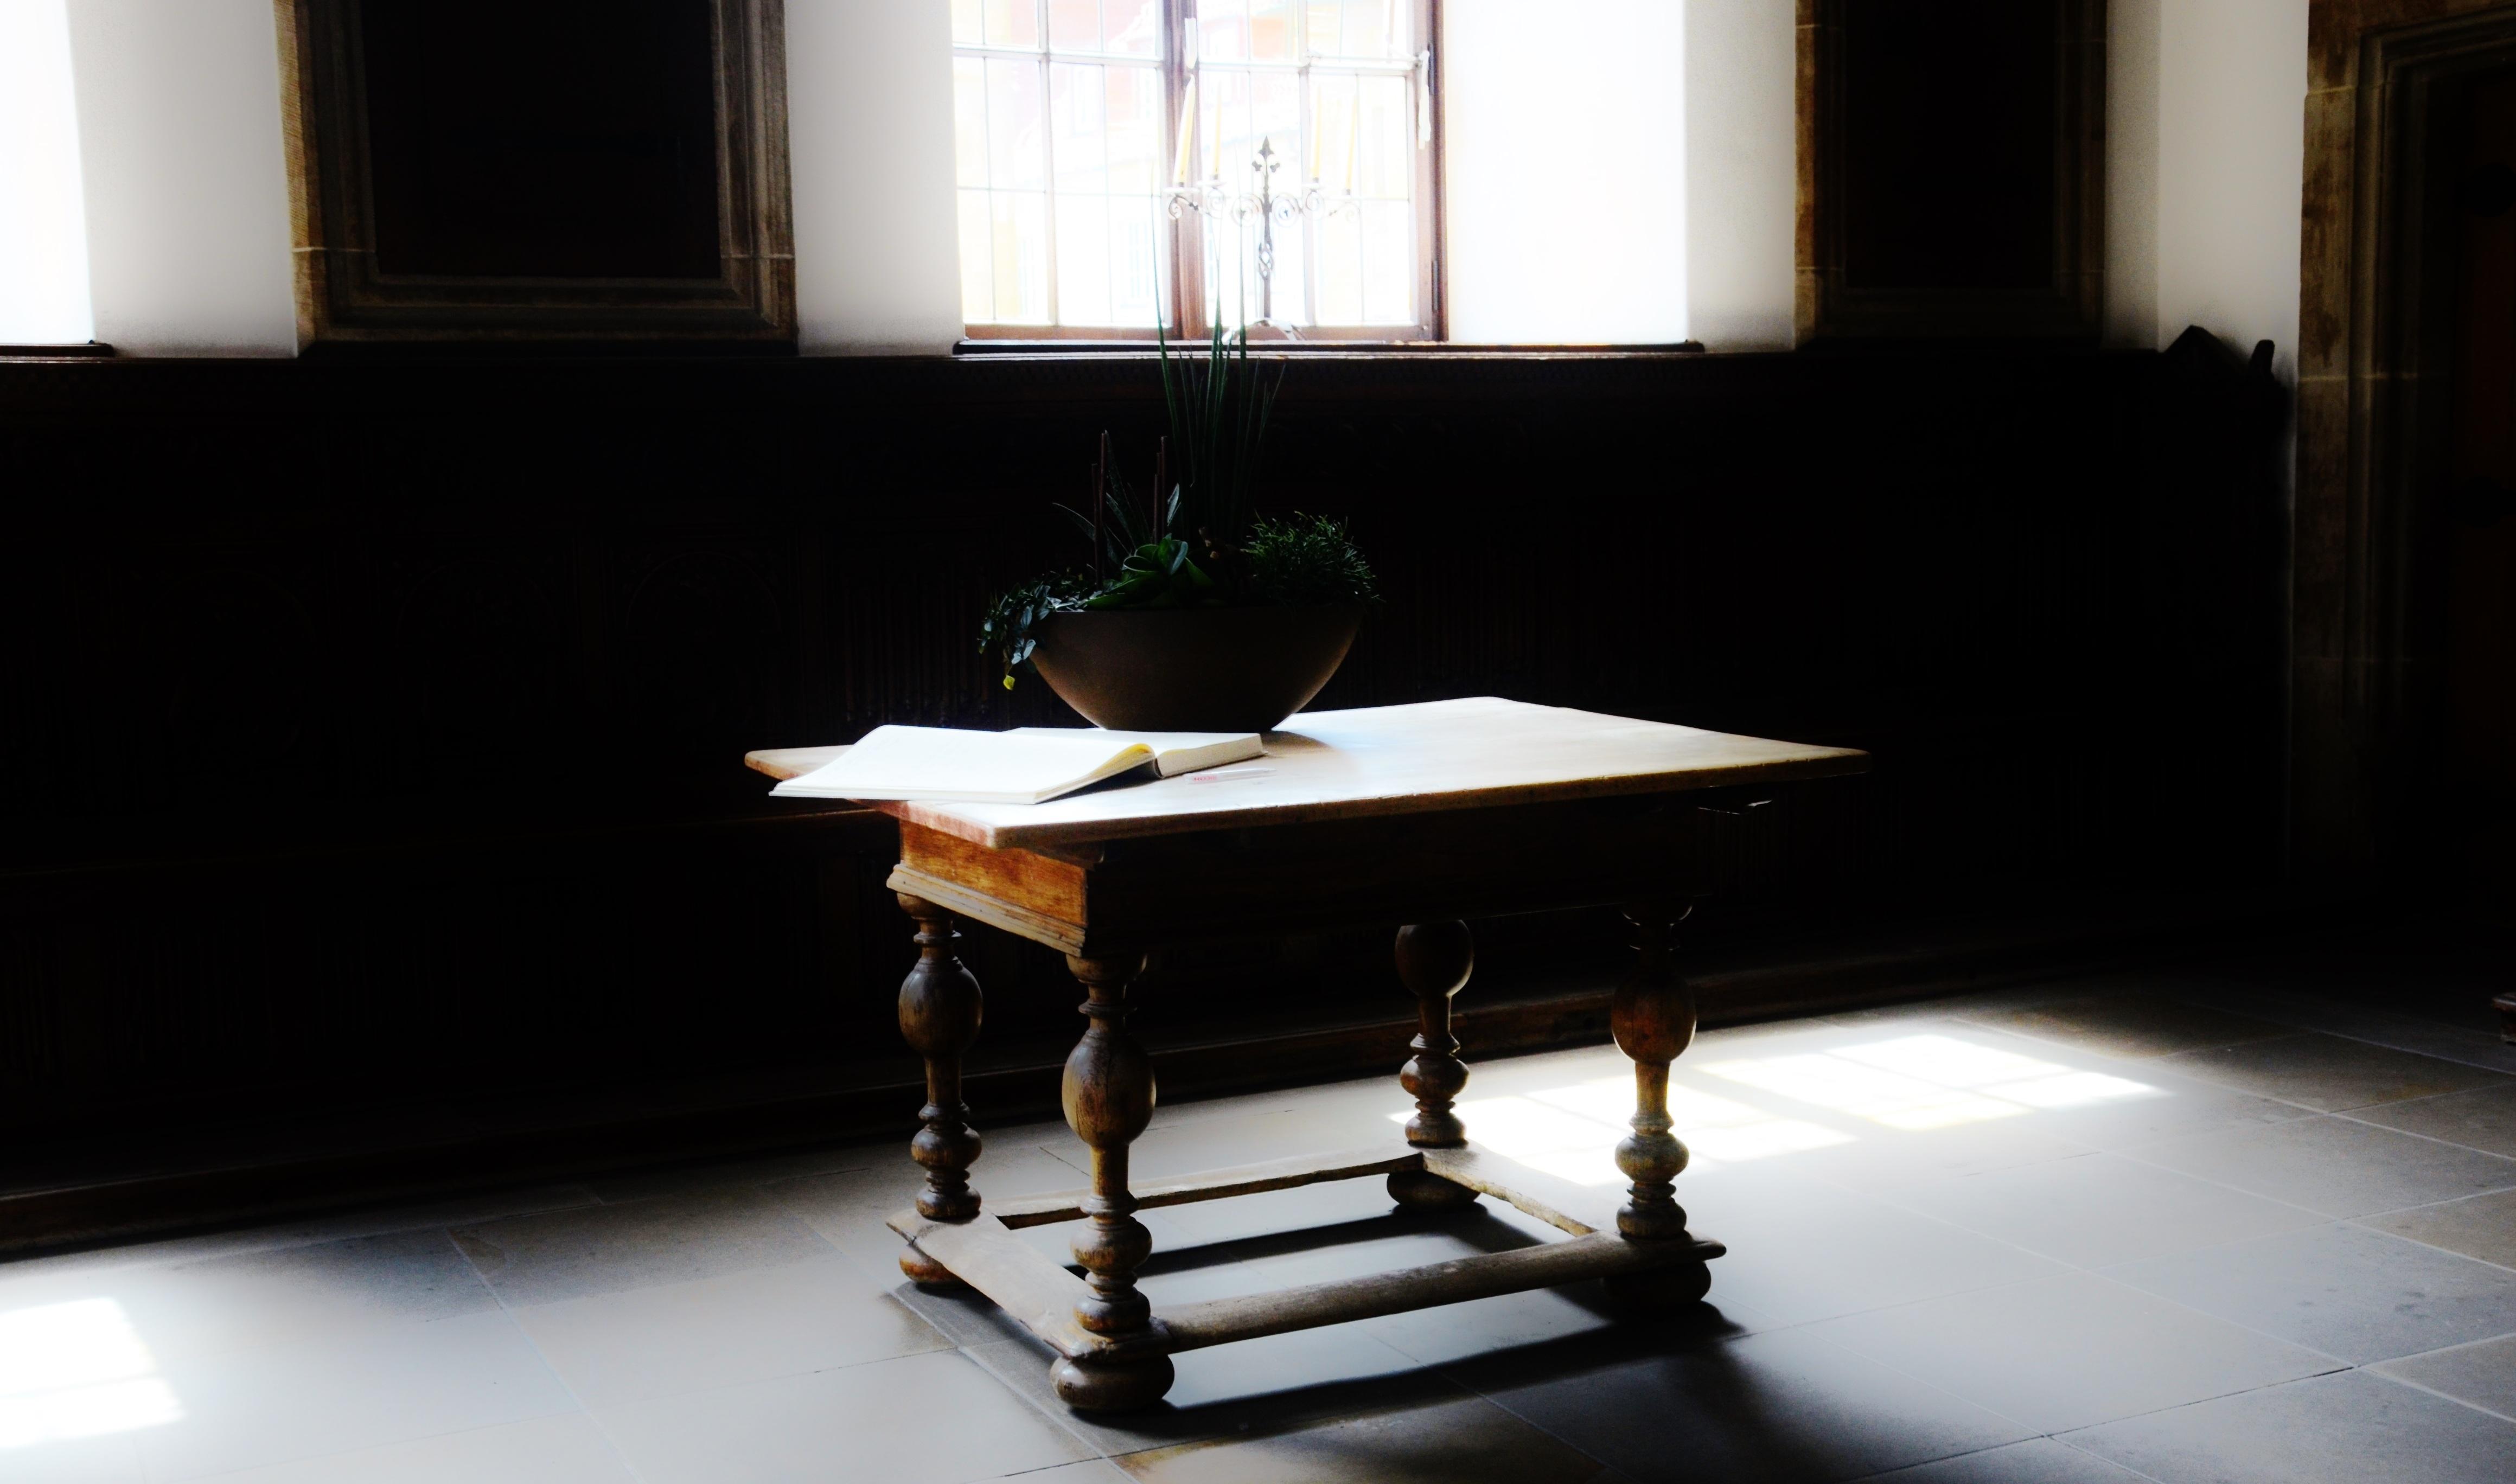 Gratis billeder : skrivebord, tabel, træ, stol, etage, vindue ...